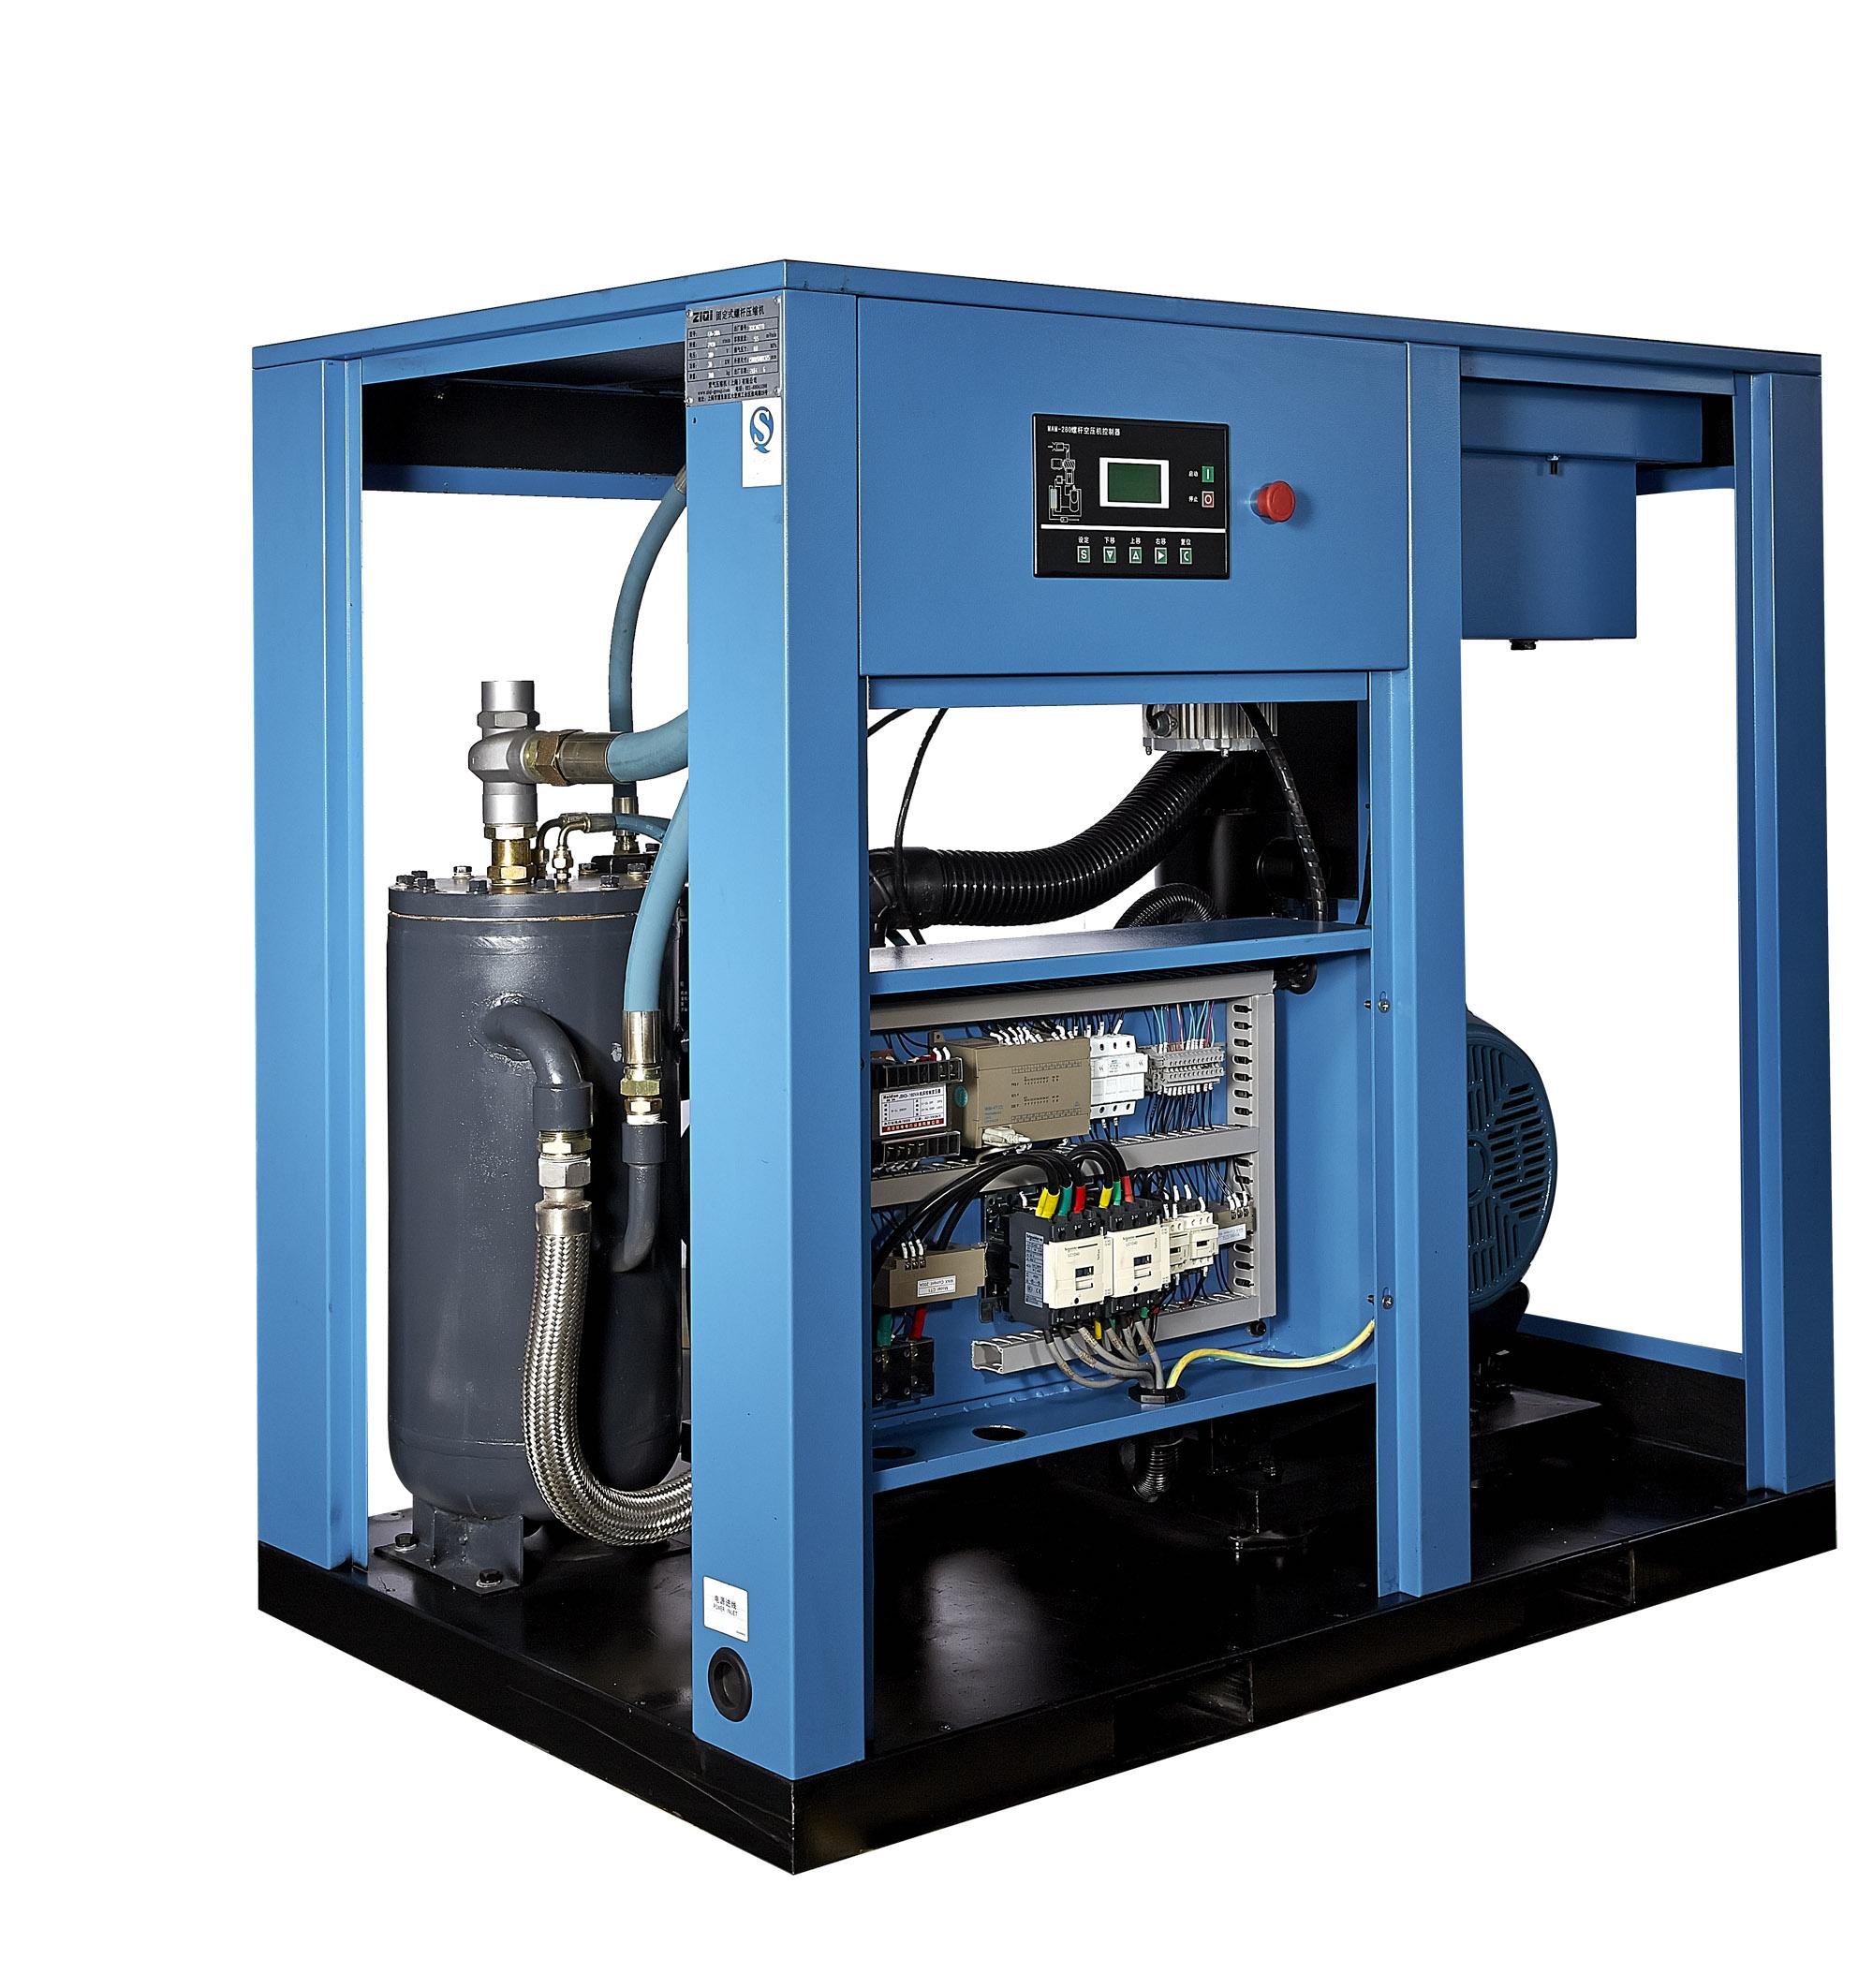 滚动活塞压缩机双级压缩中间补气制冷热泵系统的实验研究